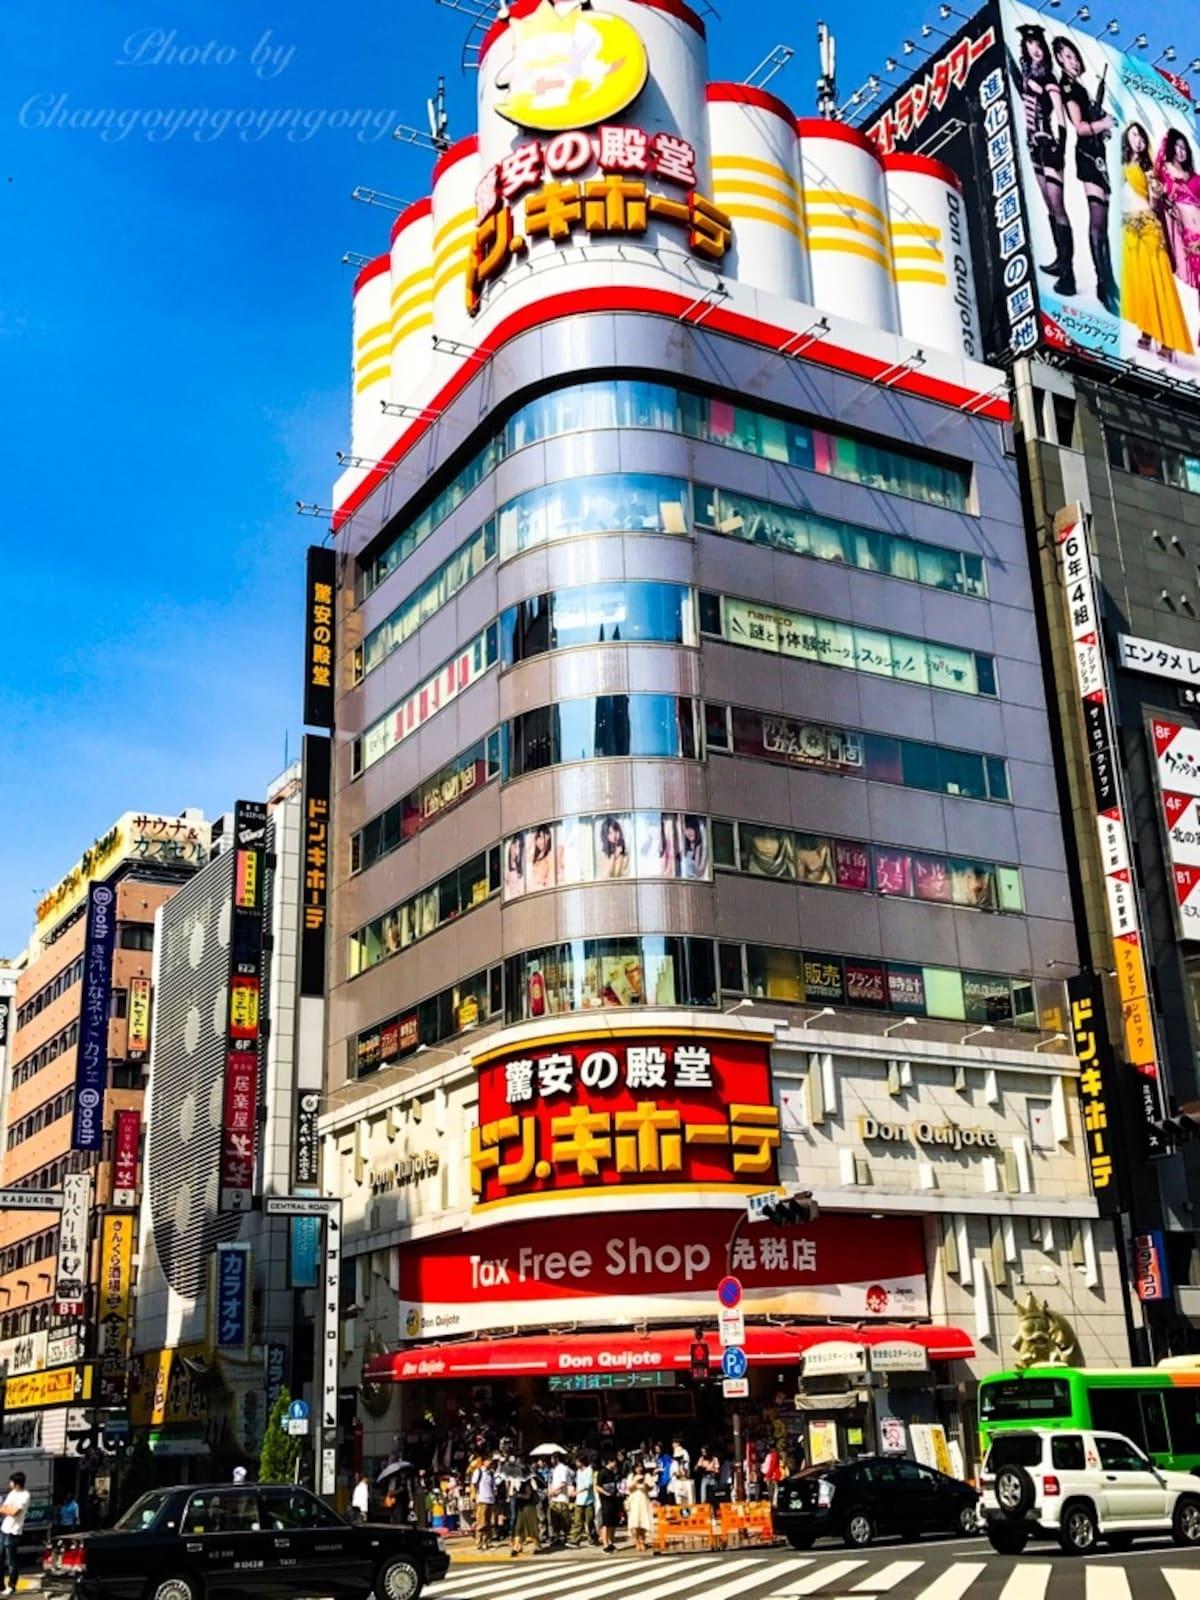 Don Quijote (ドン.キホーテ) สาขา Shinjuku